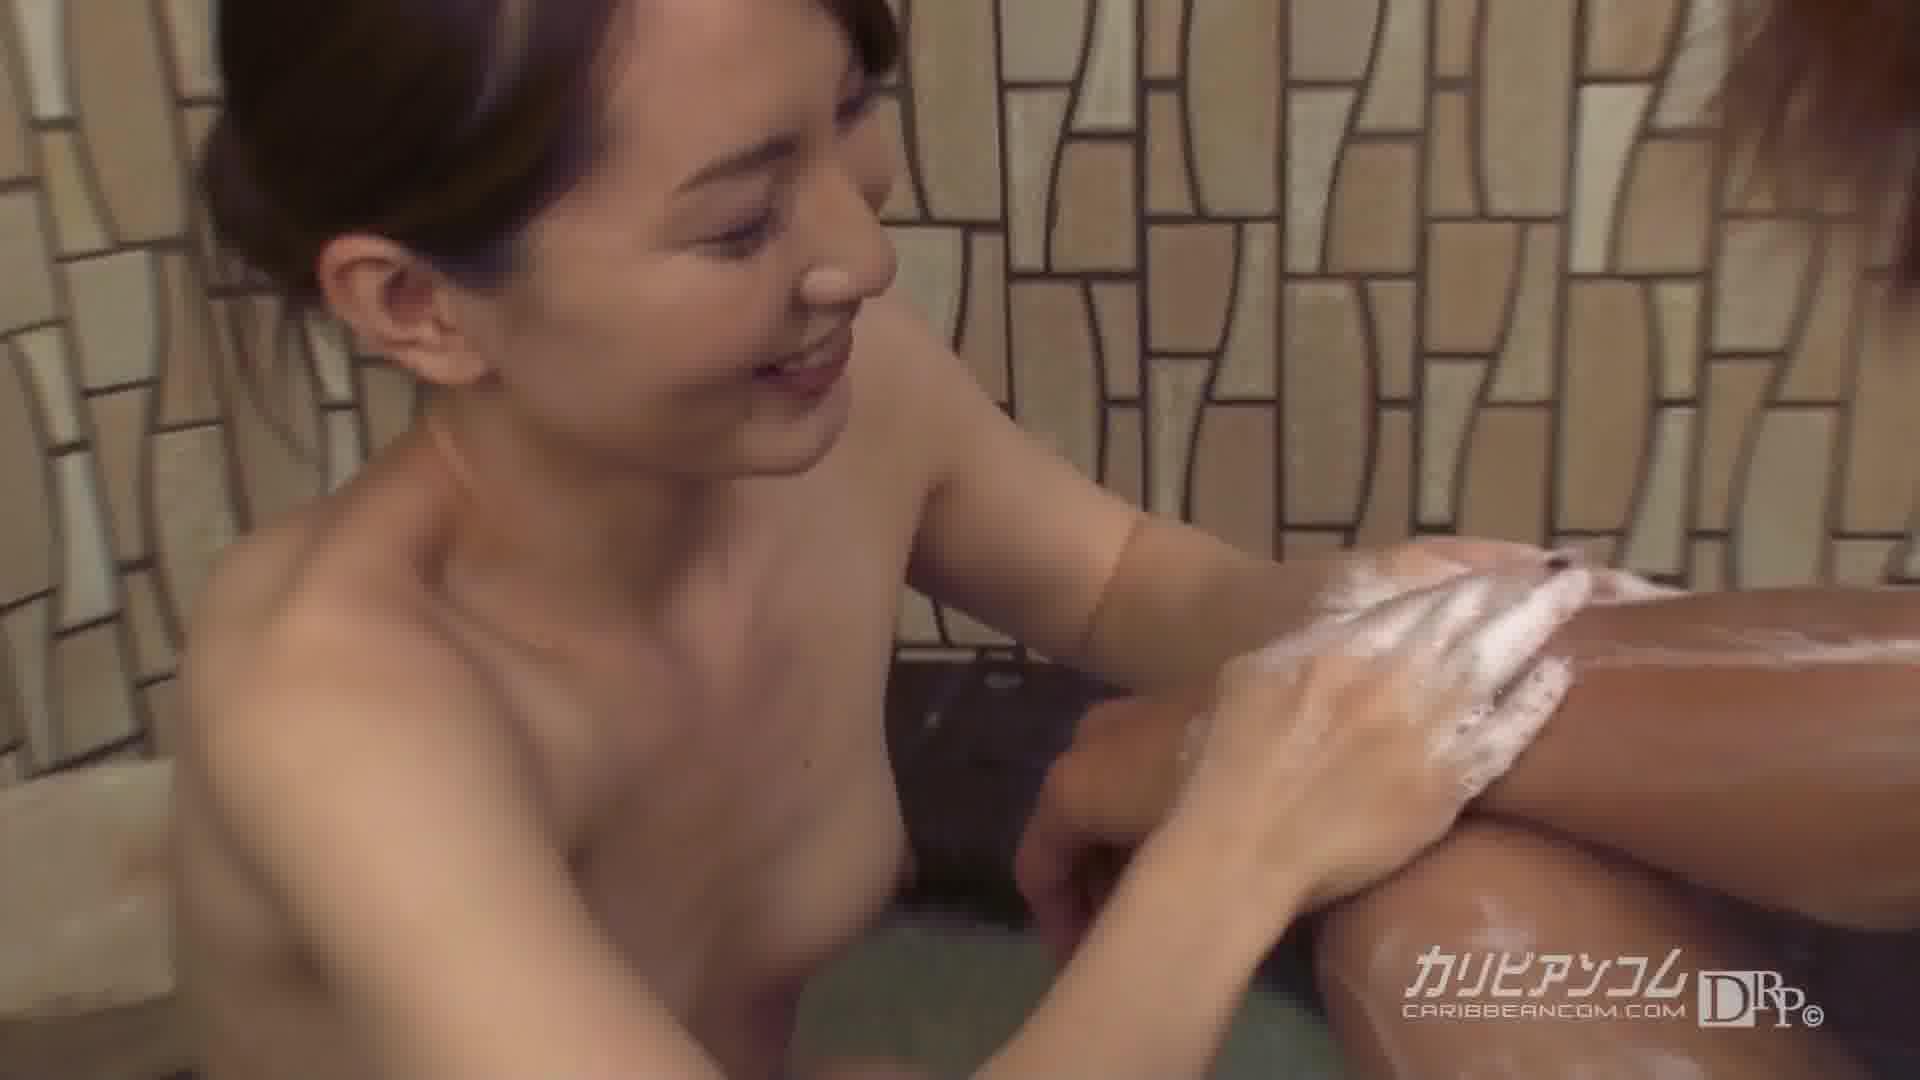 洗練された大人のいやし亭 ~抜き納めは極上のおもてなしで~ - 葉山瞳【クンニ・浴衣・マンぐり返し】